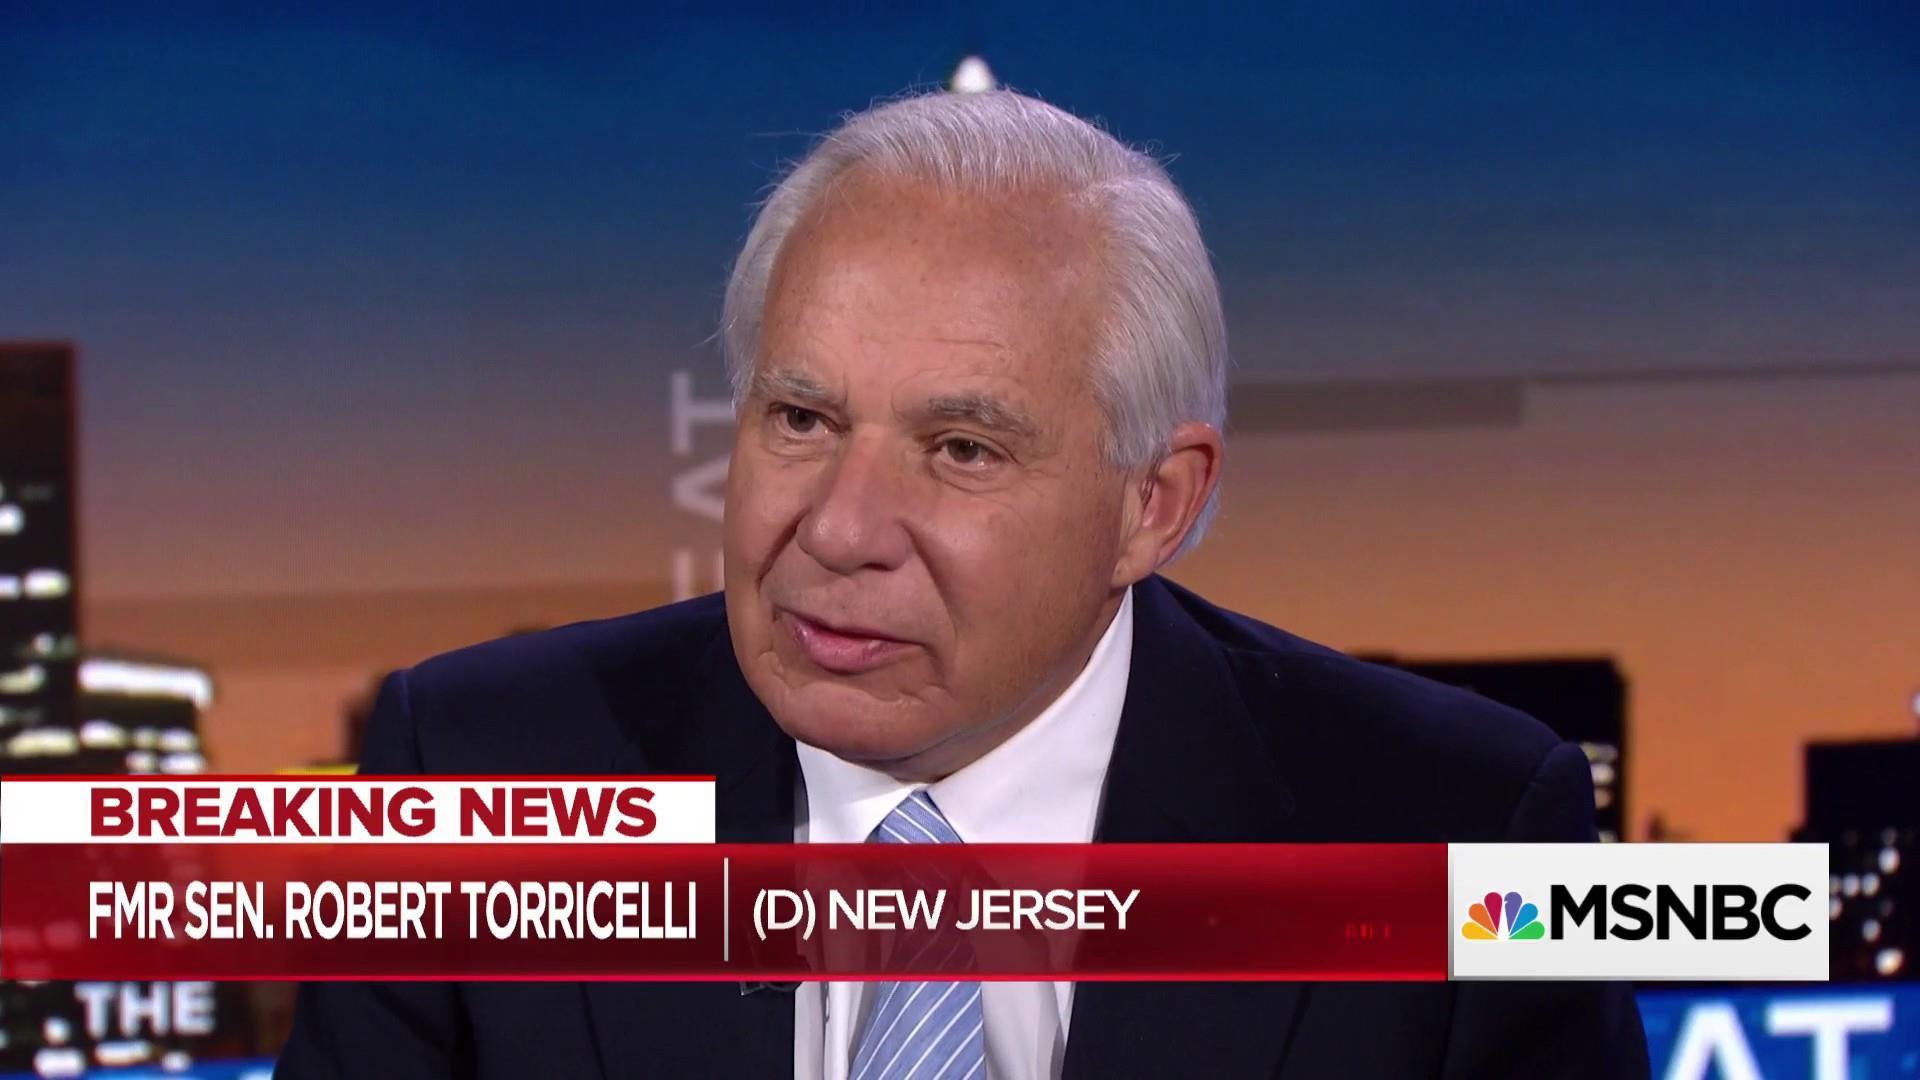 Sen. Torriccelli: FBI have evidence of 'some kind of obstruction'